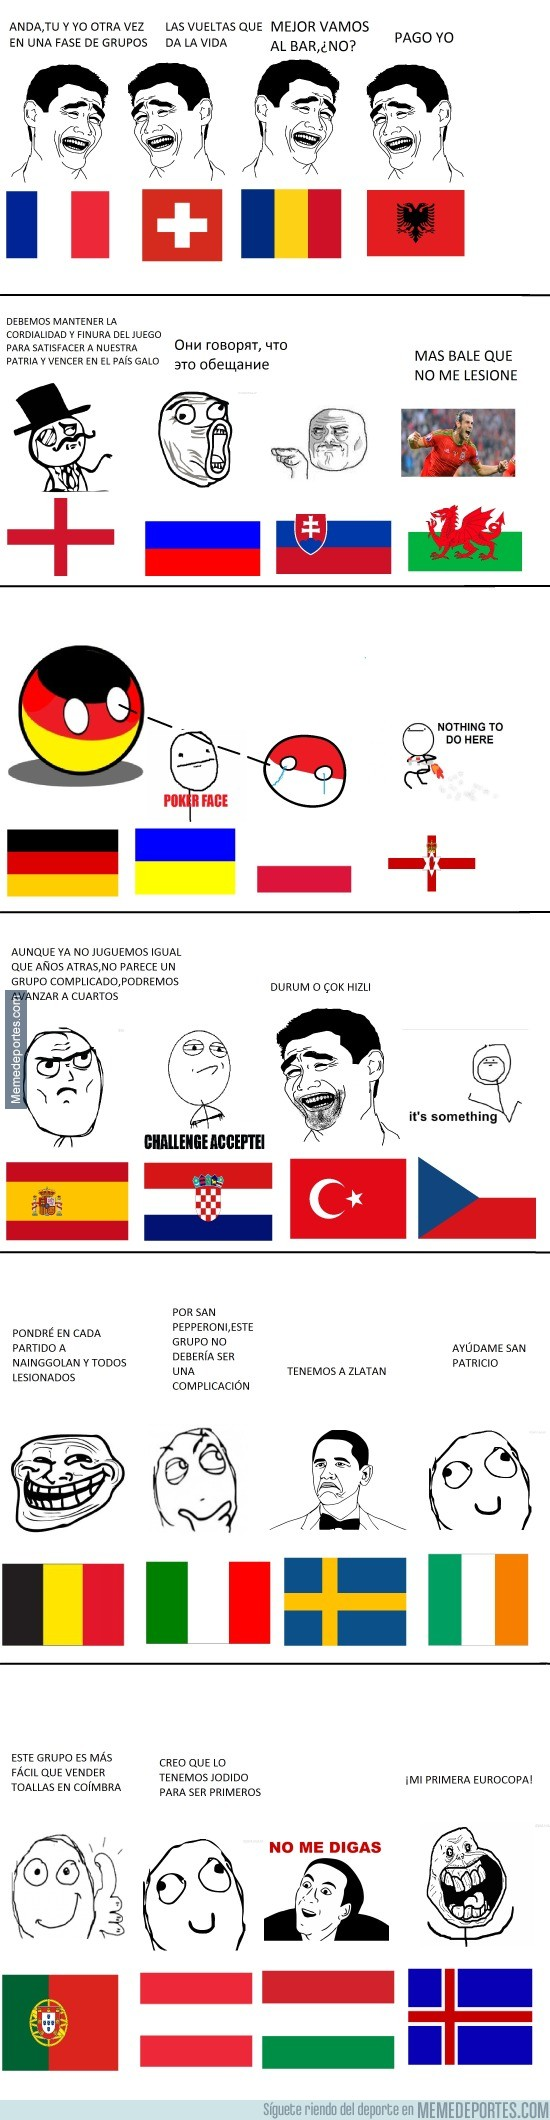 757532 - Los memes de la Eurocopa 2016